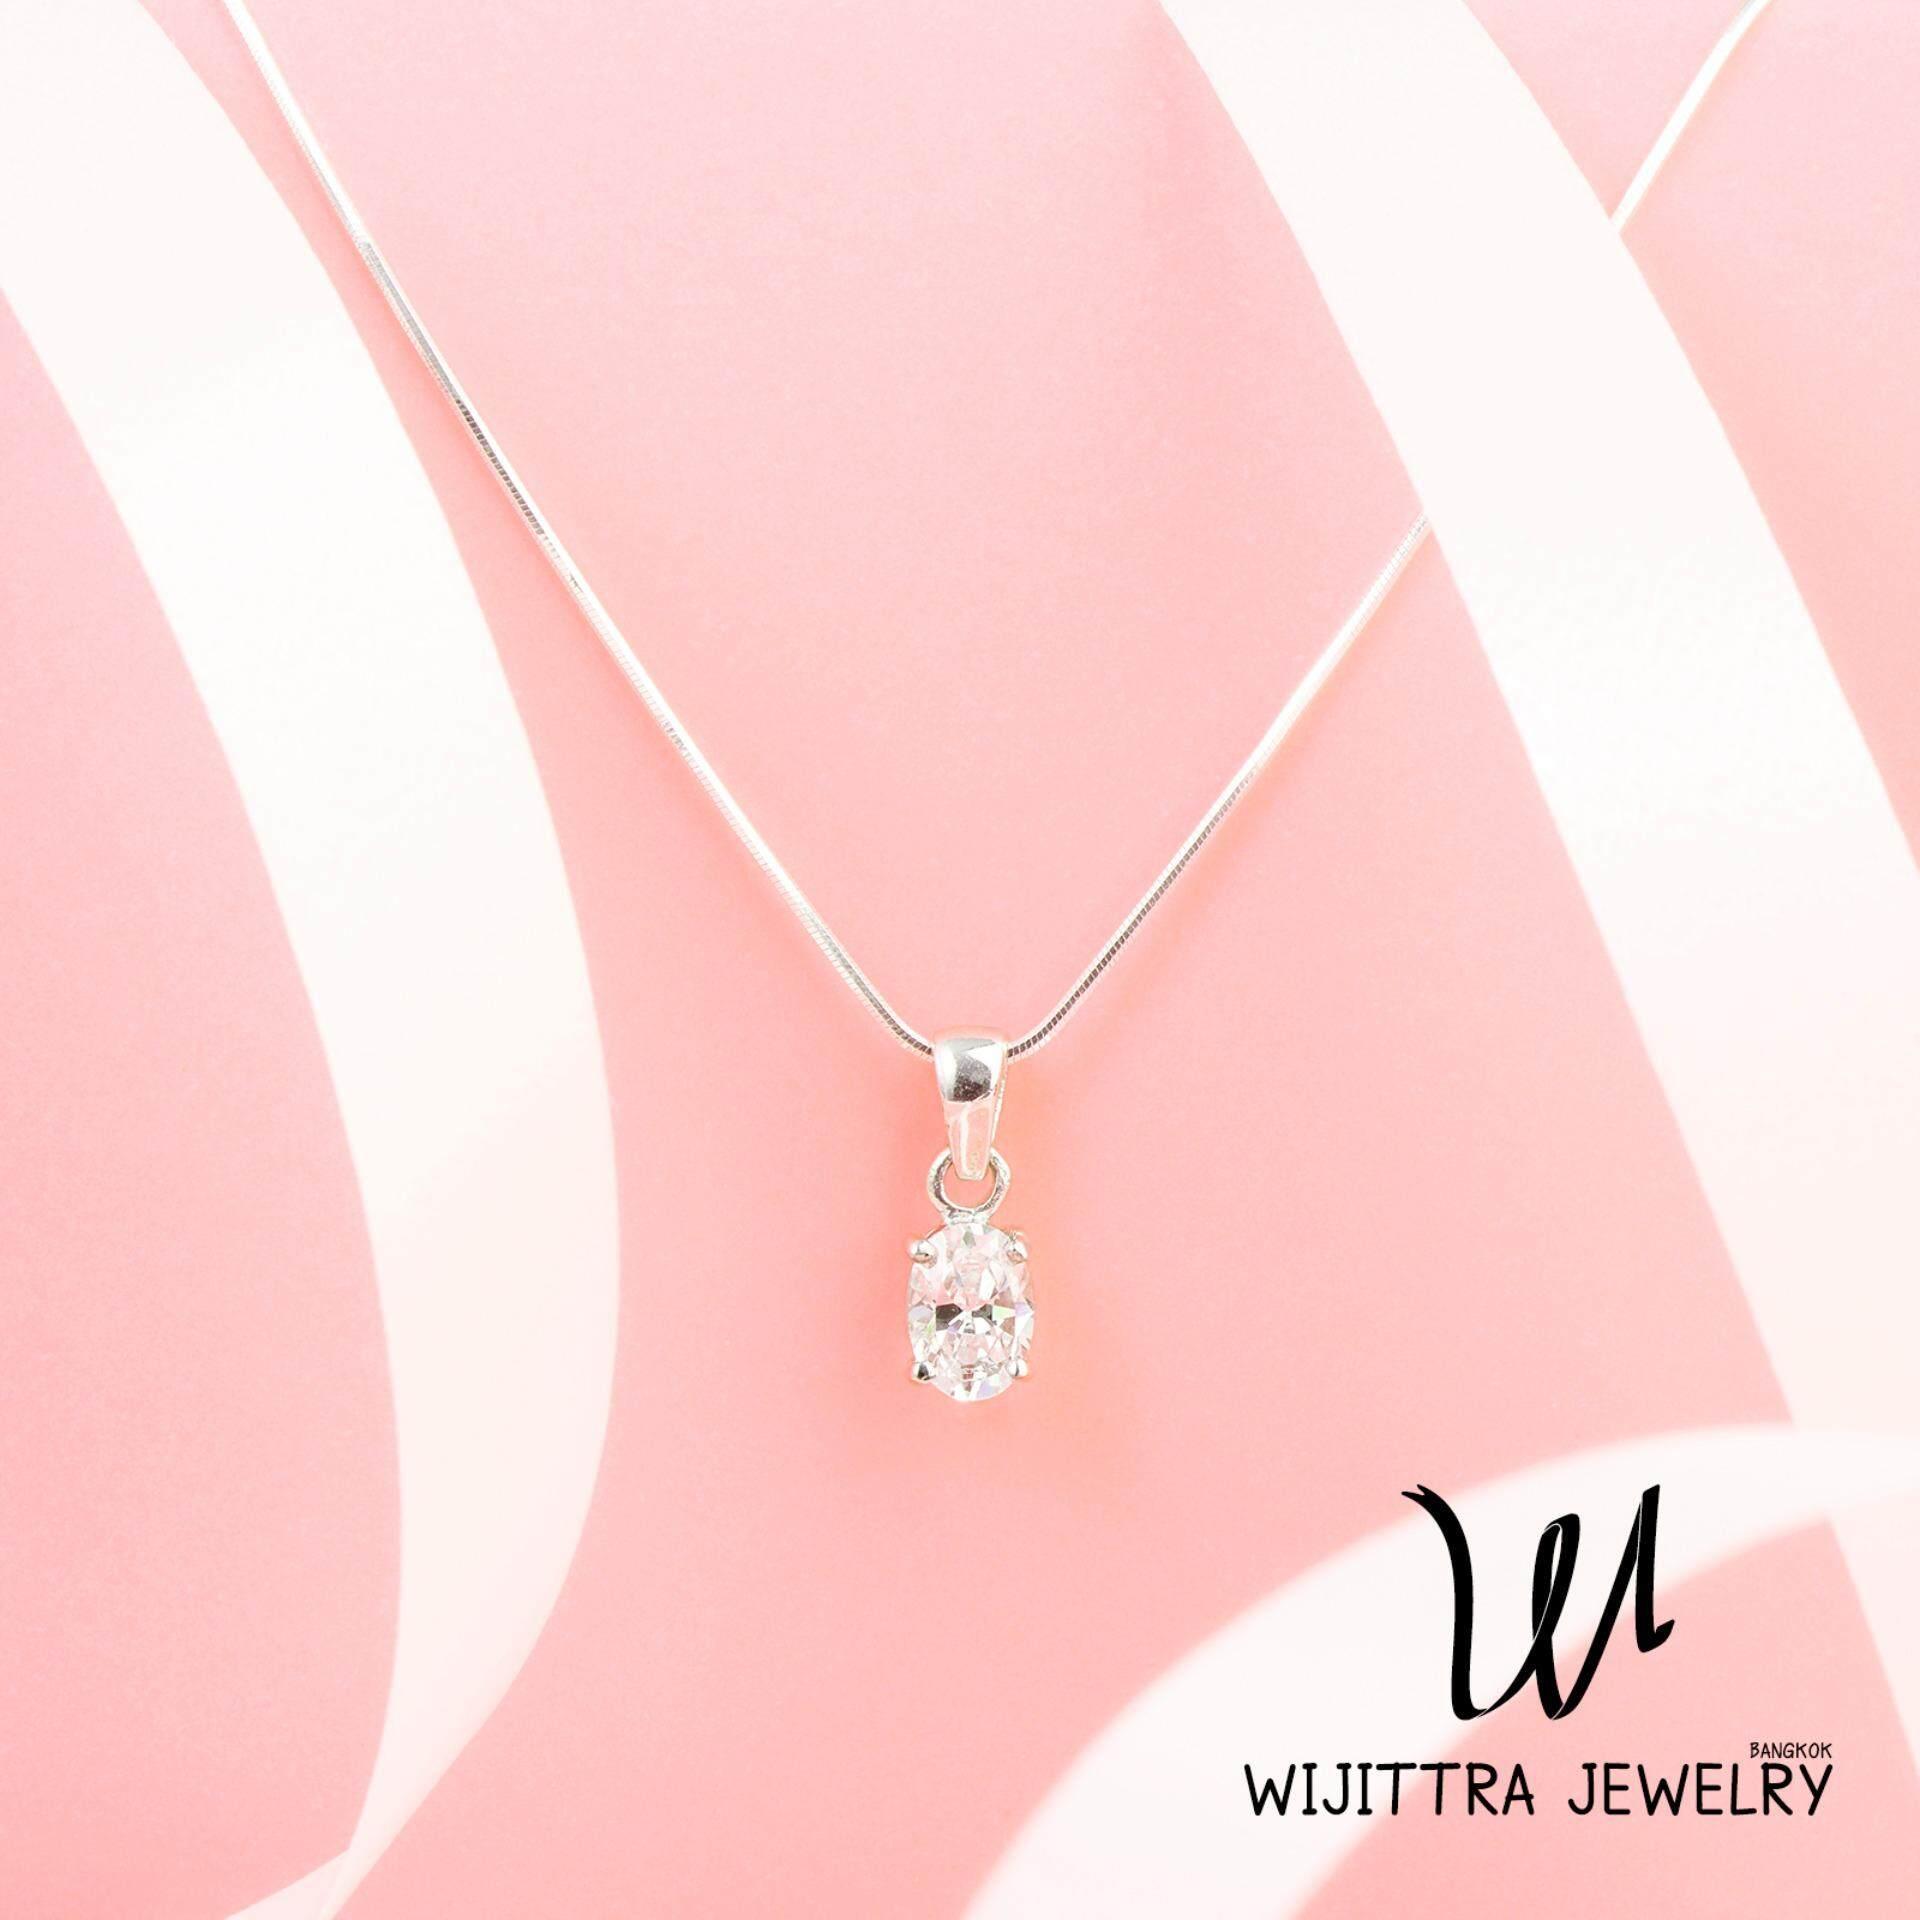 ซื้อ Pegasus Wijittra Jewelry สร้อยคอเงินแท้ 925 จี้เพชรสวิส Cubic Zirconia ชุบด้วยโรเดียม พร้อมกล่องเครื่องประดับ High End Octagonal Snake ปรับสายได้ 16 18 นิ้ว ใหม่